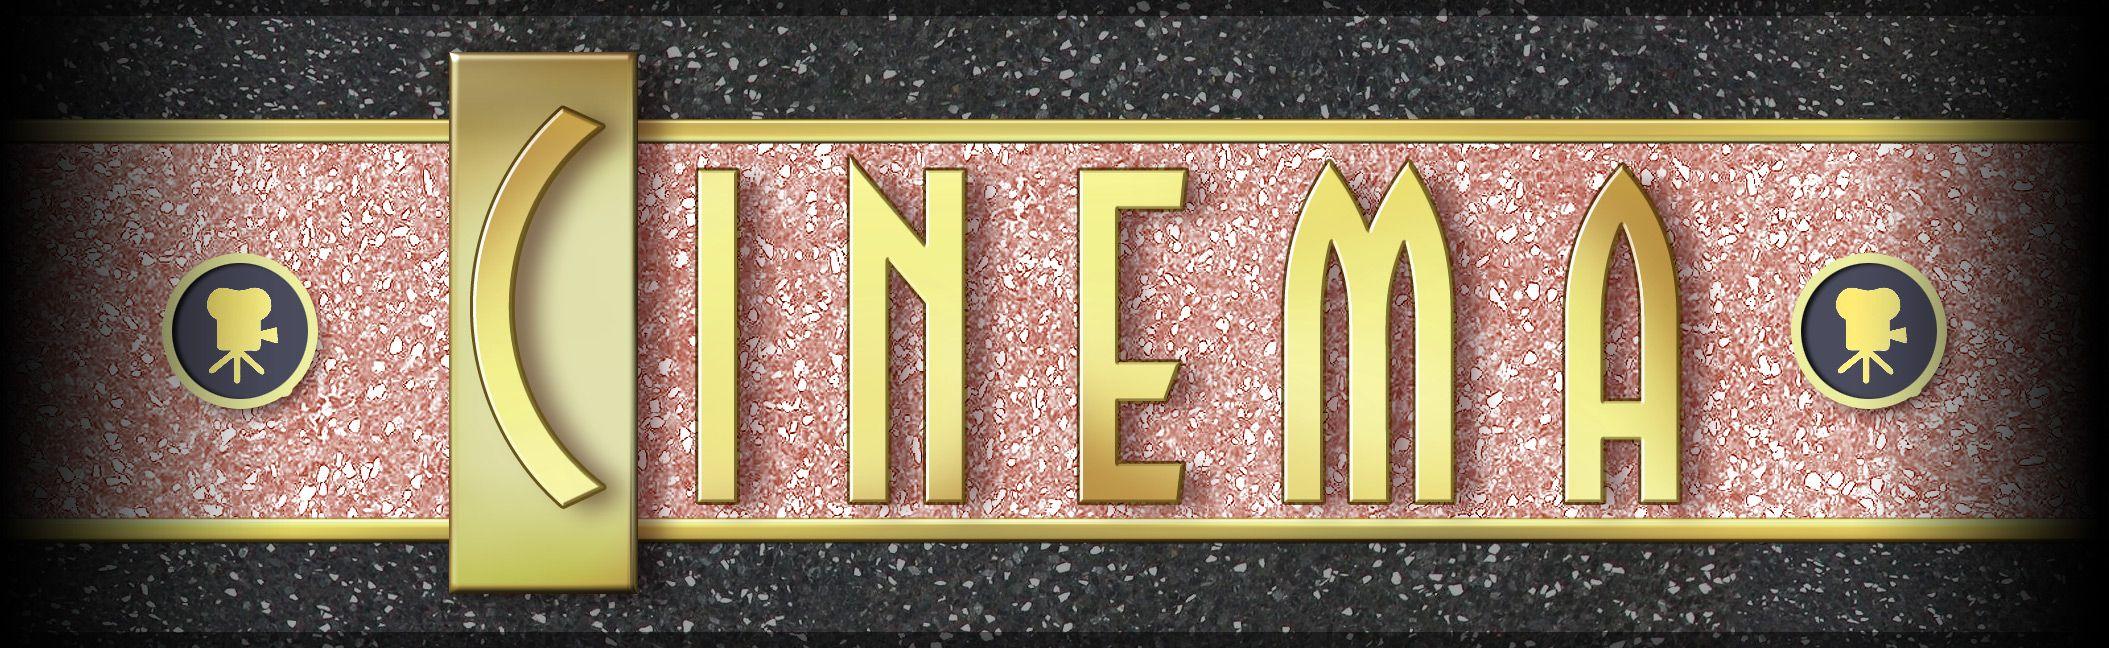 Картинка надпись кинотеатр